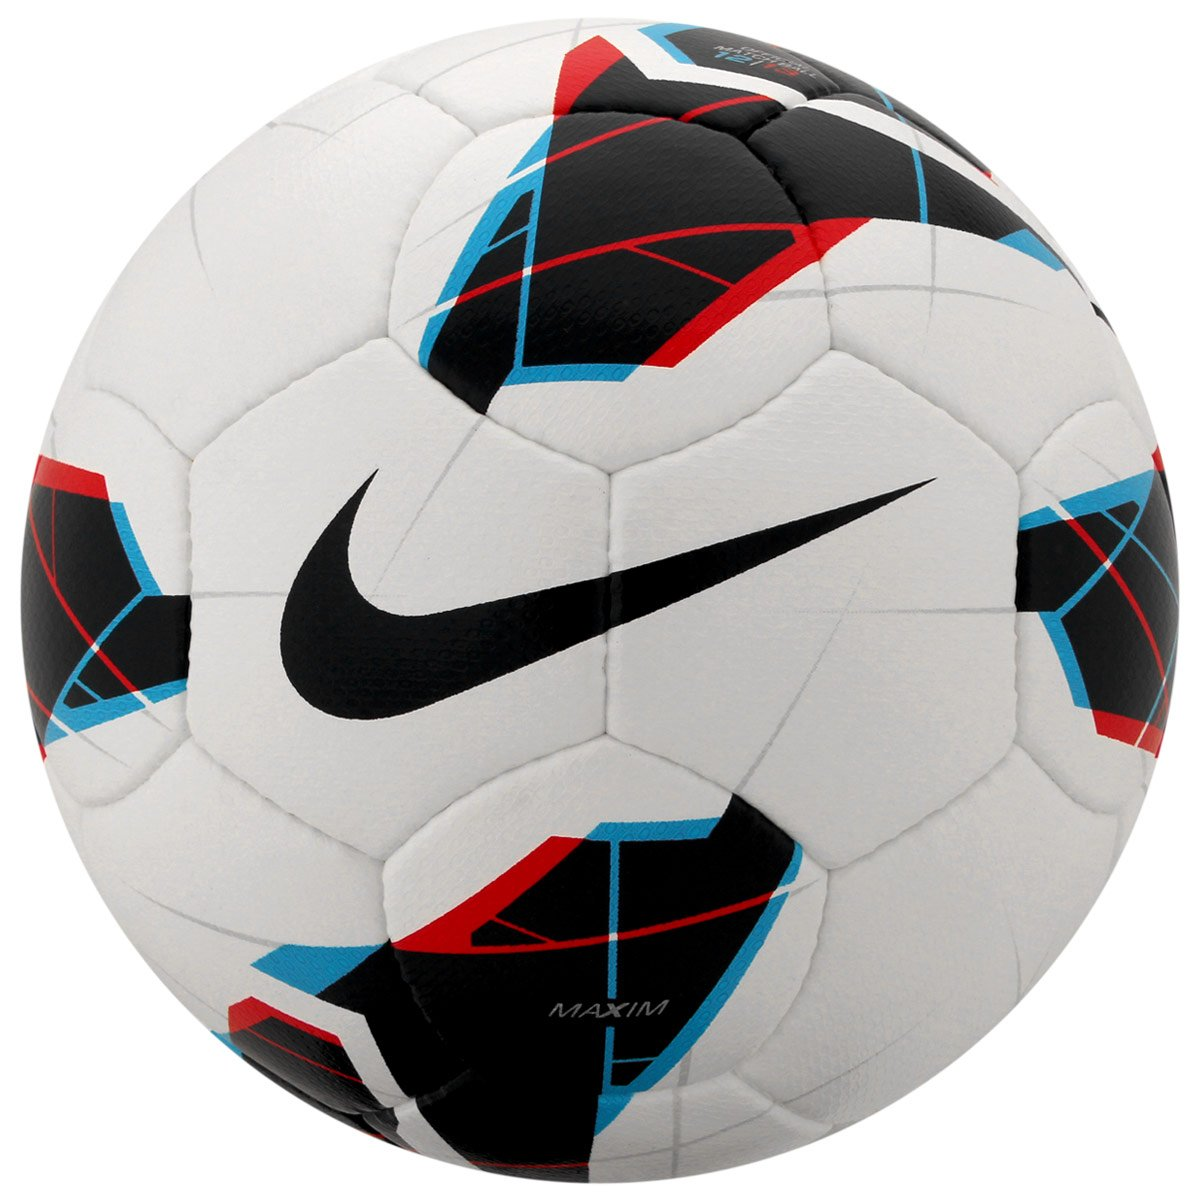 35b252d36e Bola Futebol Nike Maxim PL Campo - Compre Agora